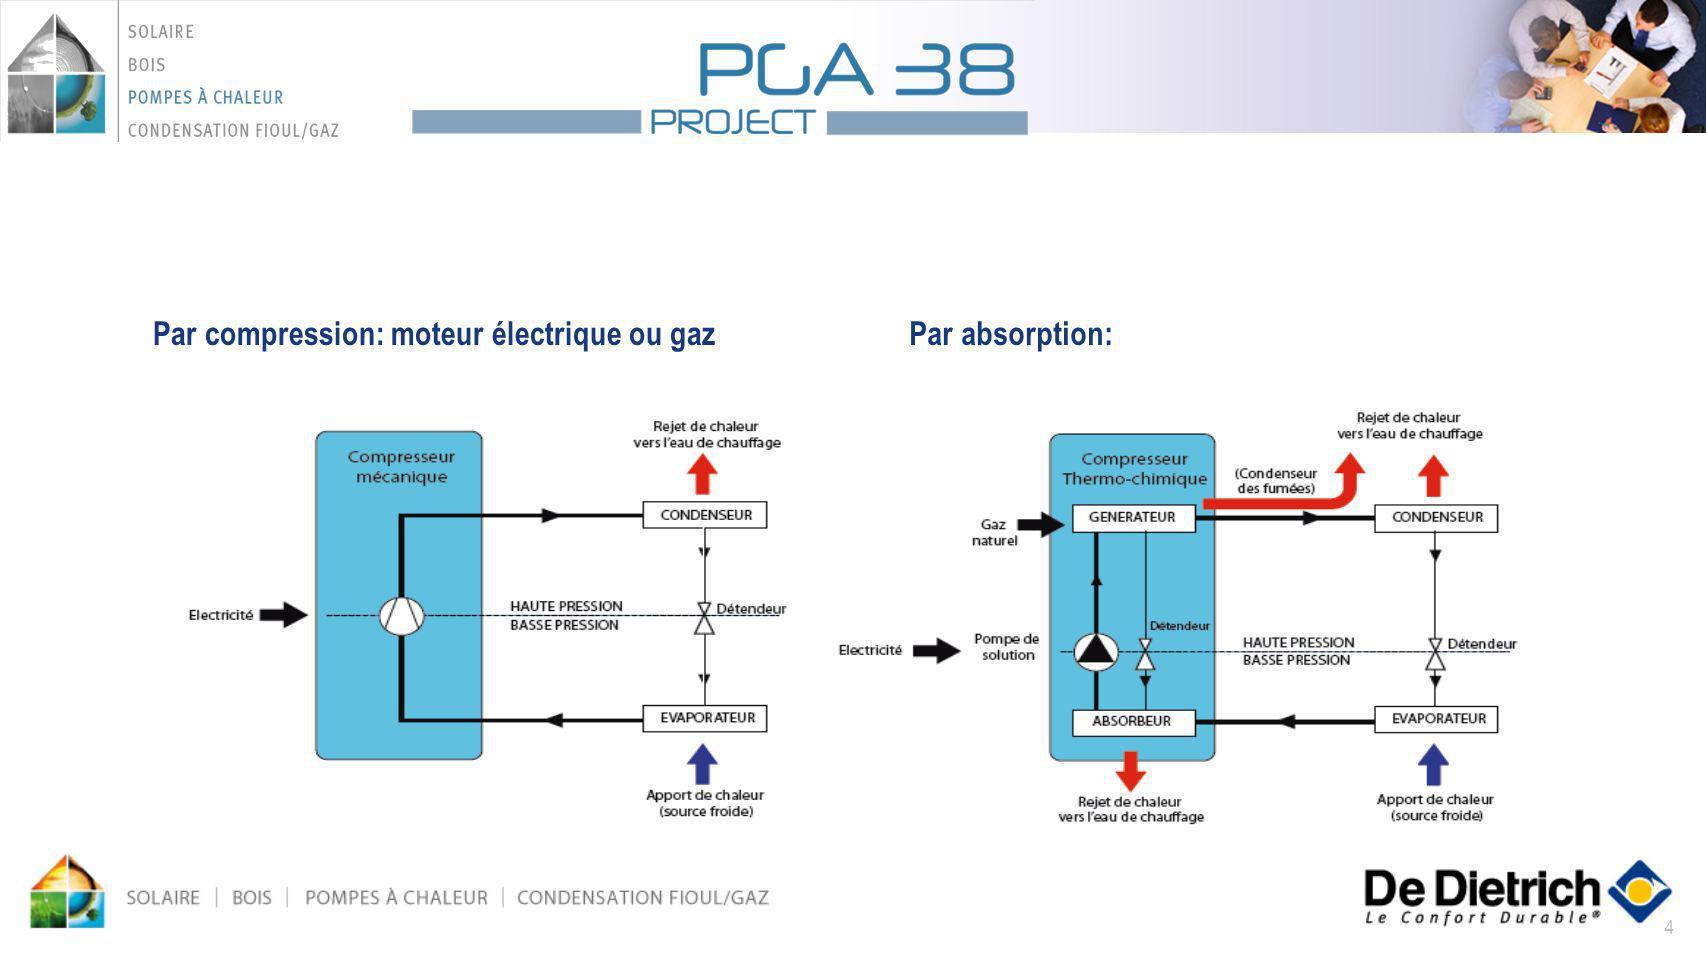 65 Implantation des machines 65 ICPE Déclaration en préfecture (2920) Concernant les installations PAC ABSORPTION AMMONIAC réversible (et de froid seul) de puissance au brûleur supérieure à 20kW (et PAC MOTEUR de puissance compresseur de plus de 50kW au R410A) Formalise de la déclaration selon article R512-47 du code de lenvironnement « Le déclarant doit produire un plan de situation du cadastre dans un rayon de 100 mètres et un plan d ensemble à l échelle de 1 / 200 au minimum, accompagné de légendes et, au besoin, de descriptions permettant de se rendre compte des dispositions matérielles de l installation et indiquant l affectation, jusqu à 35 mètres au moins de celle-ci, des constructions et terrains avoisinants ainsi que les points d eau, canaux, cours d eau et réseaux enterrés.